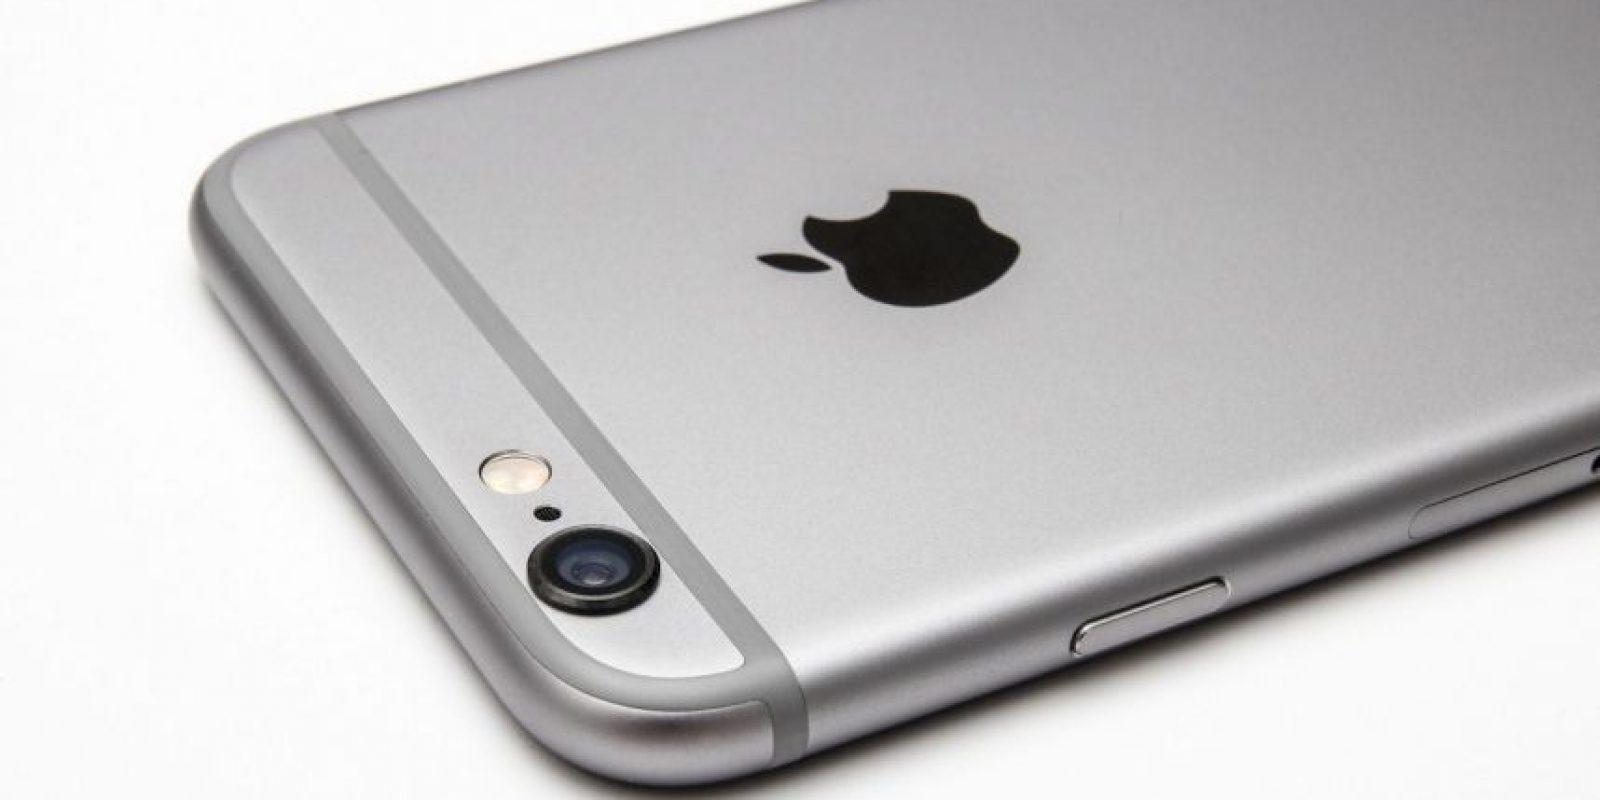 Su estructura es de aluminio y su pantalla es de cristal resistente a rayones. Foto:Apple